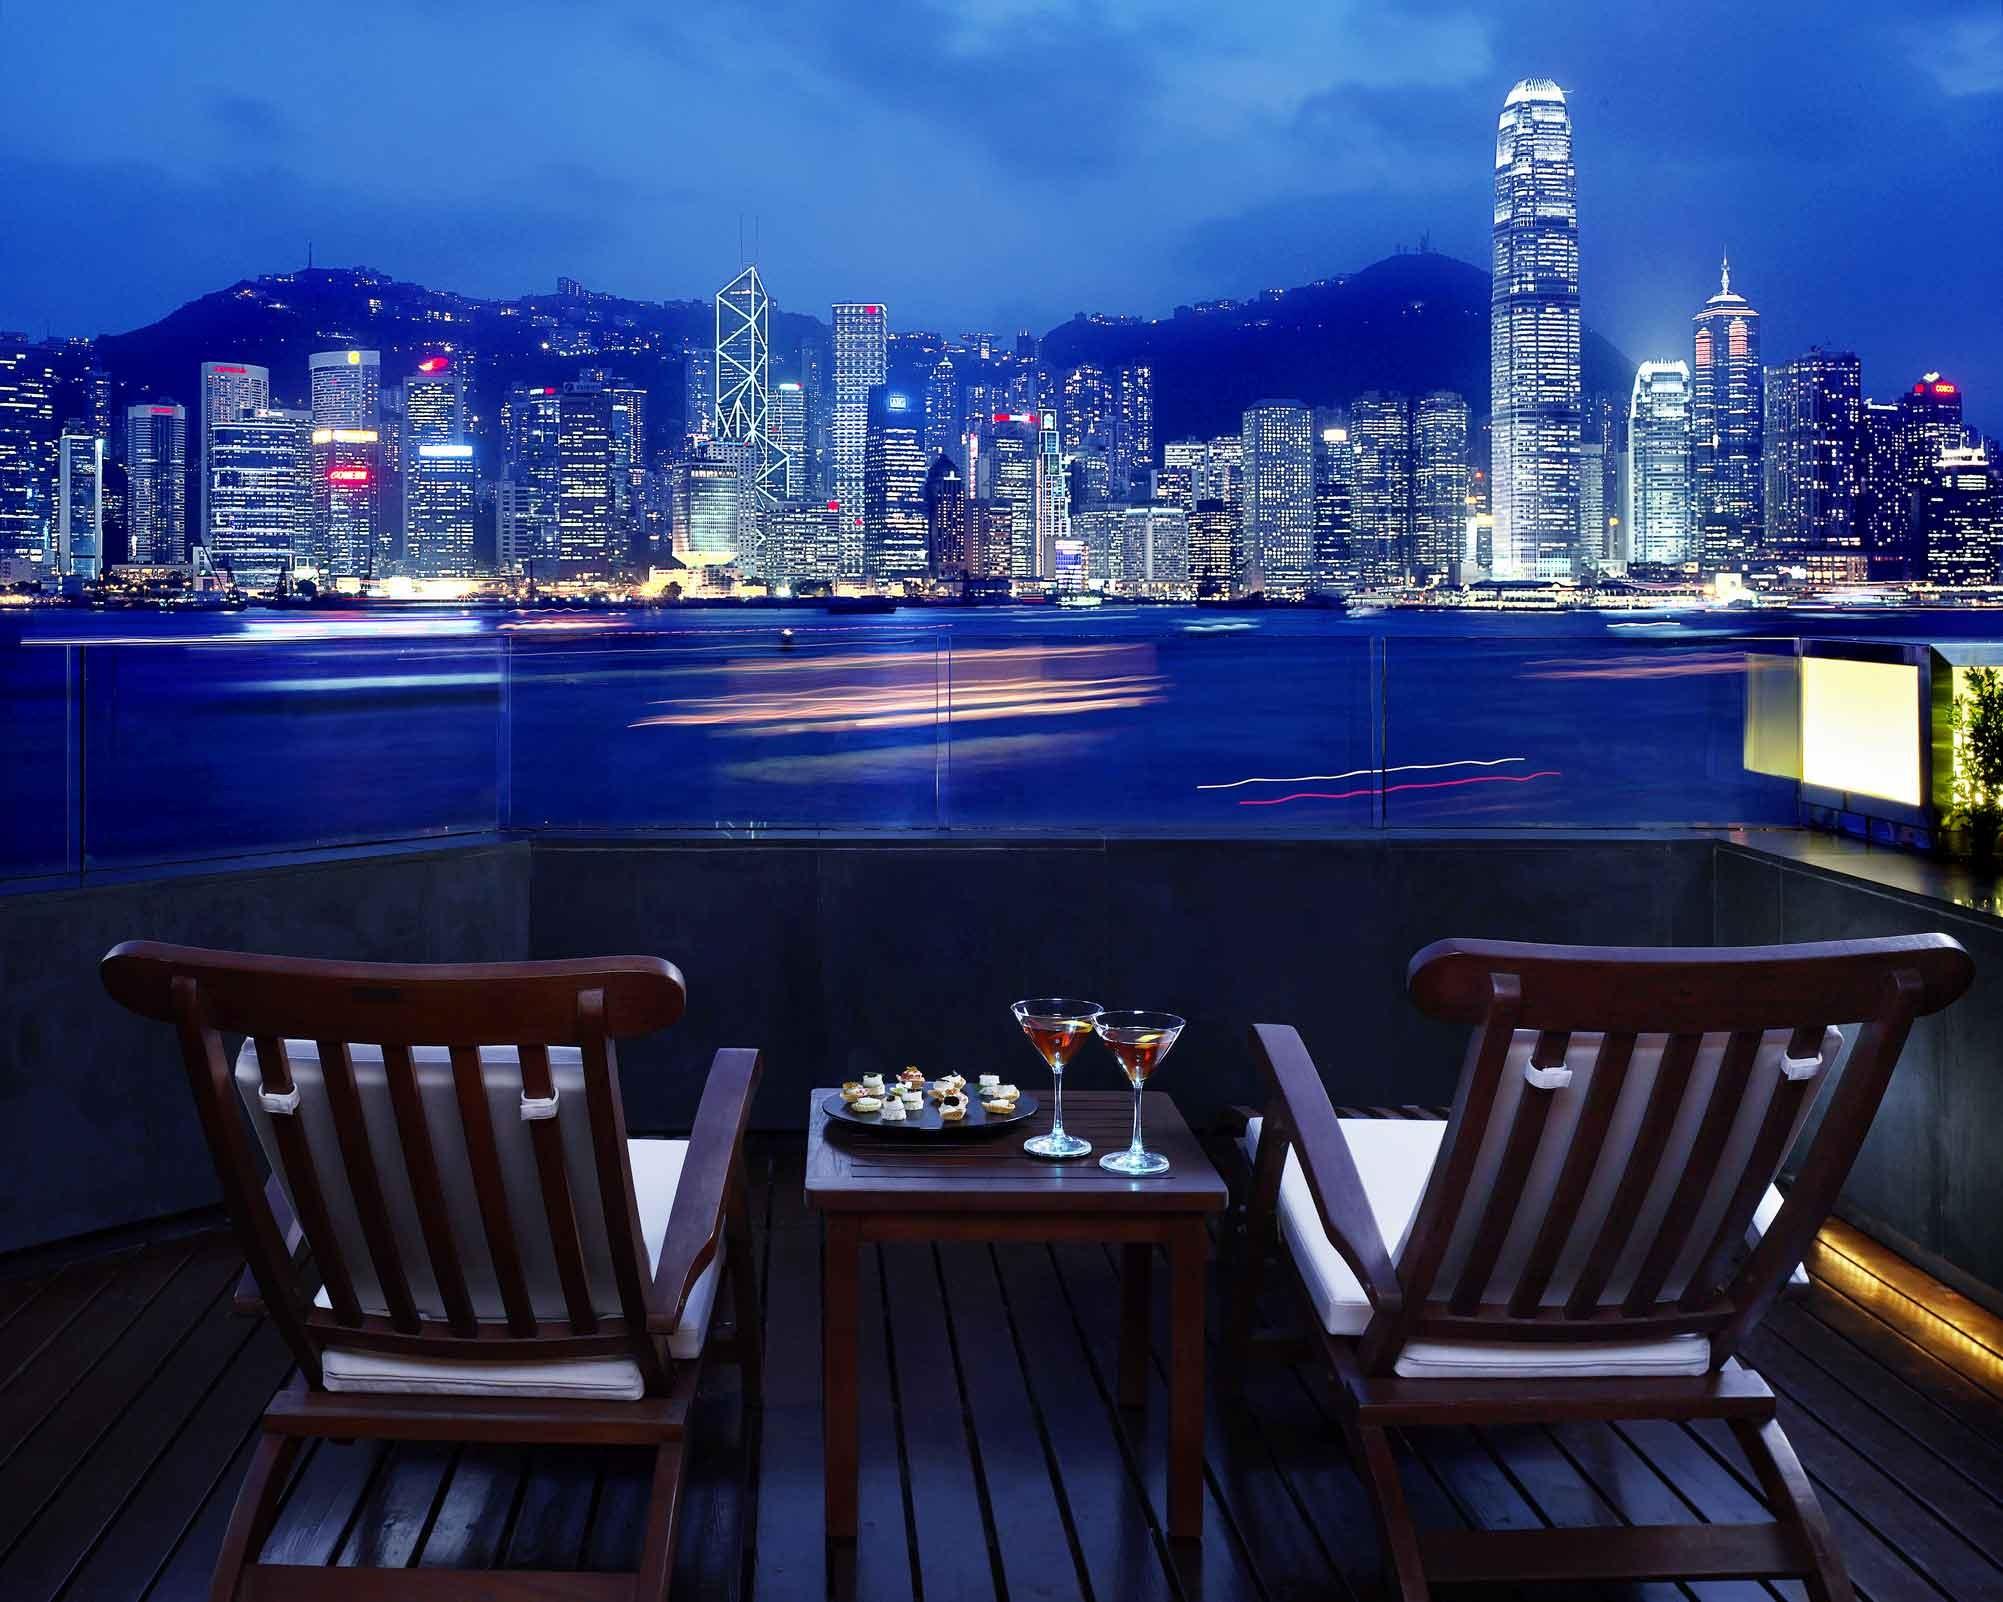 综述:内地游客数量大增 香港继续发力吸客